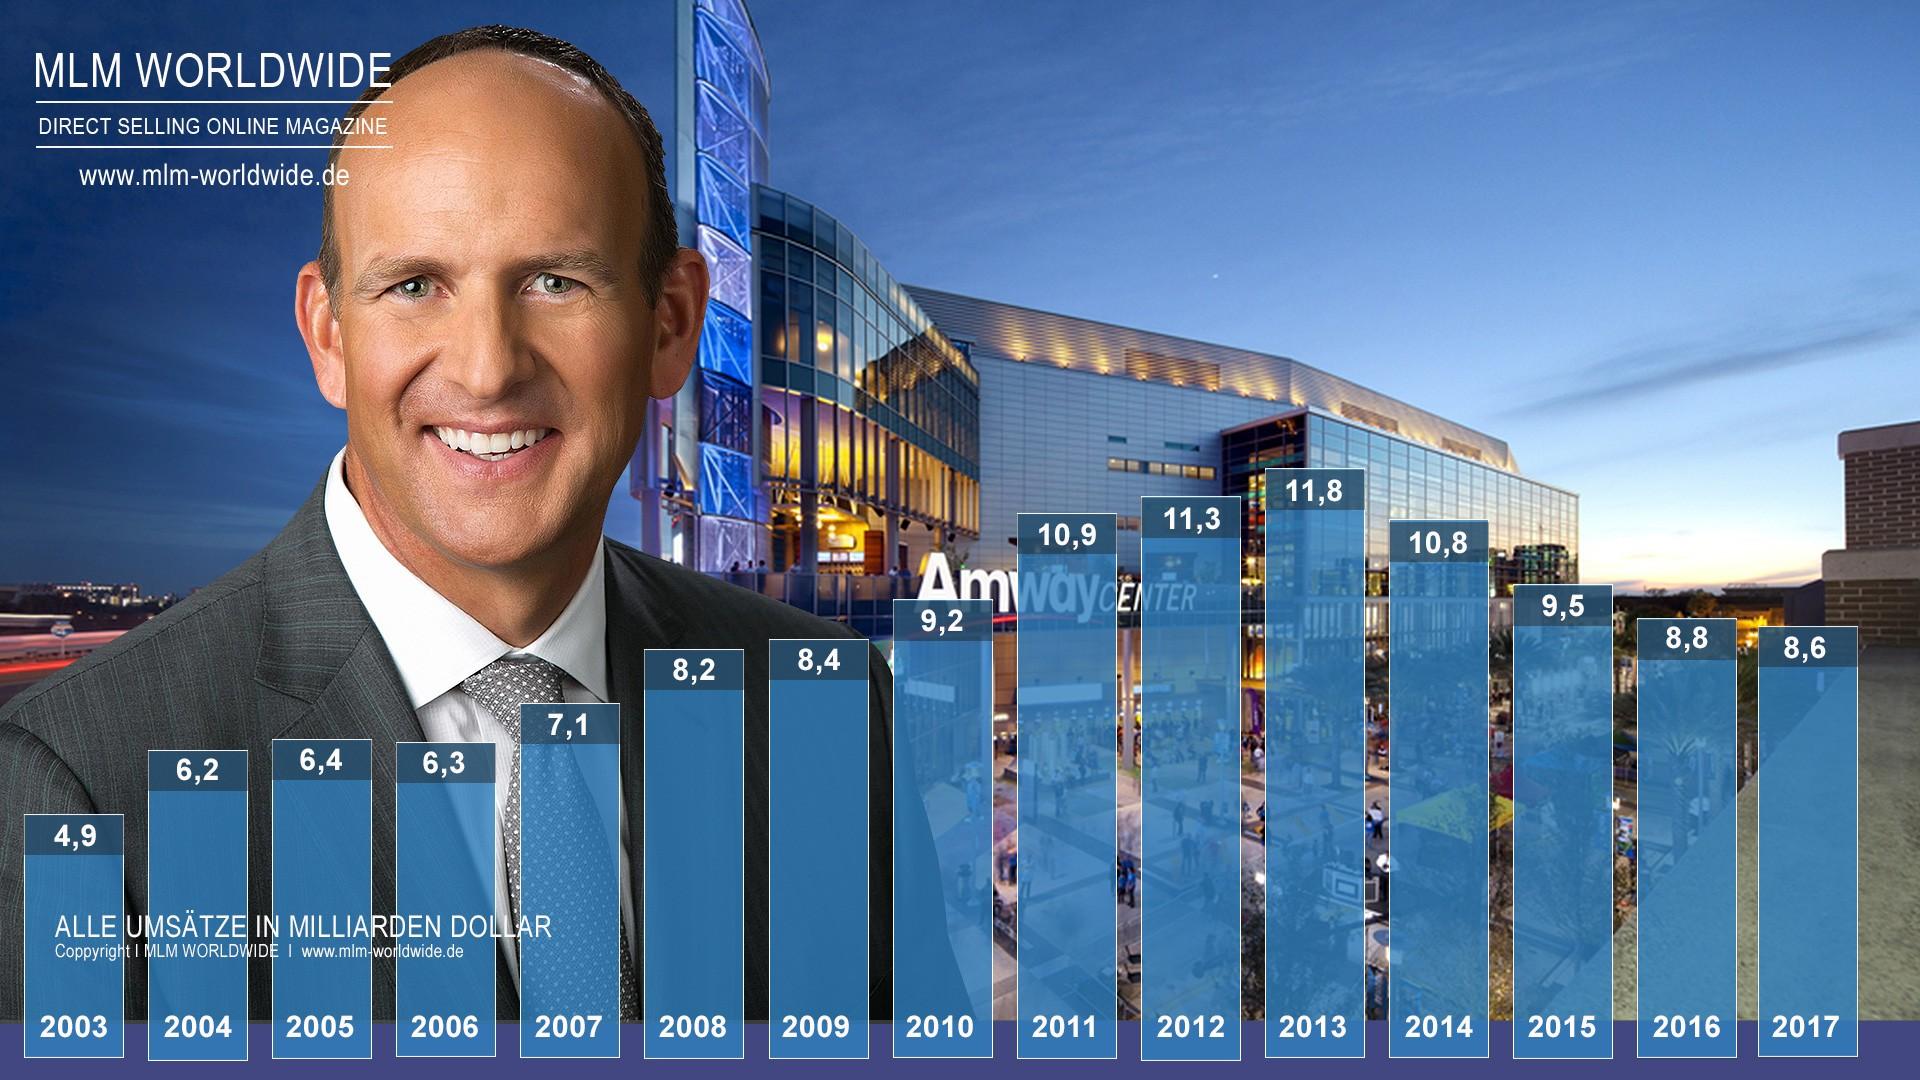 Amway I Umsatzstatistik von 2003 bis 2017